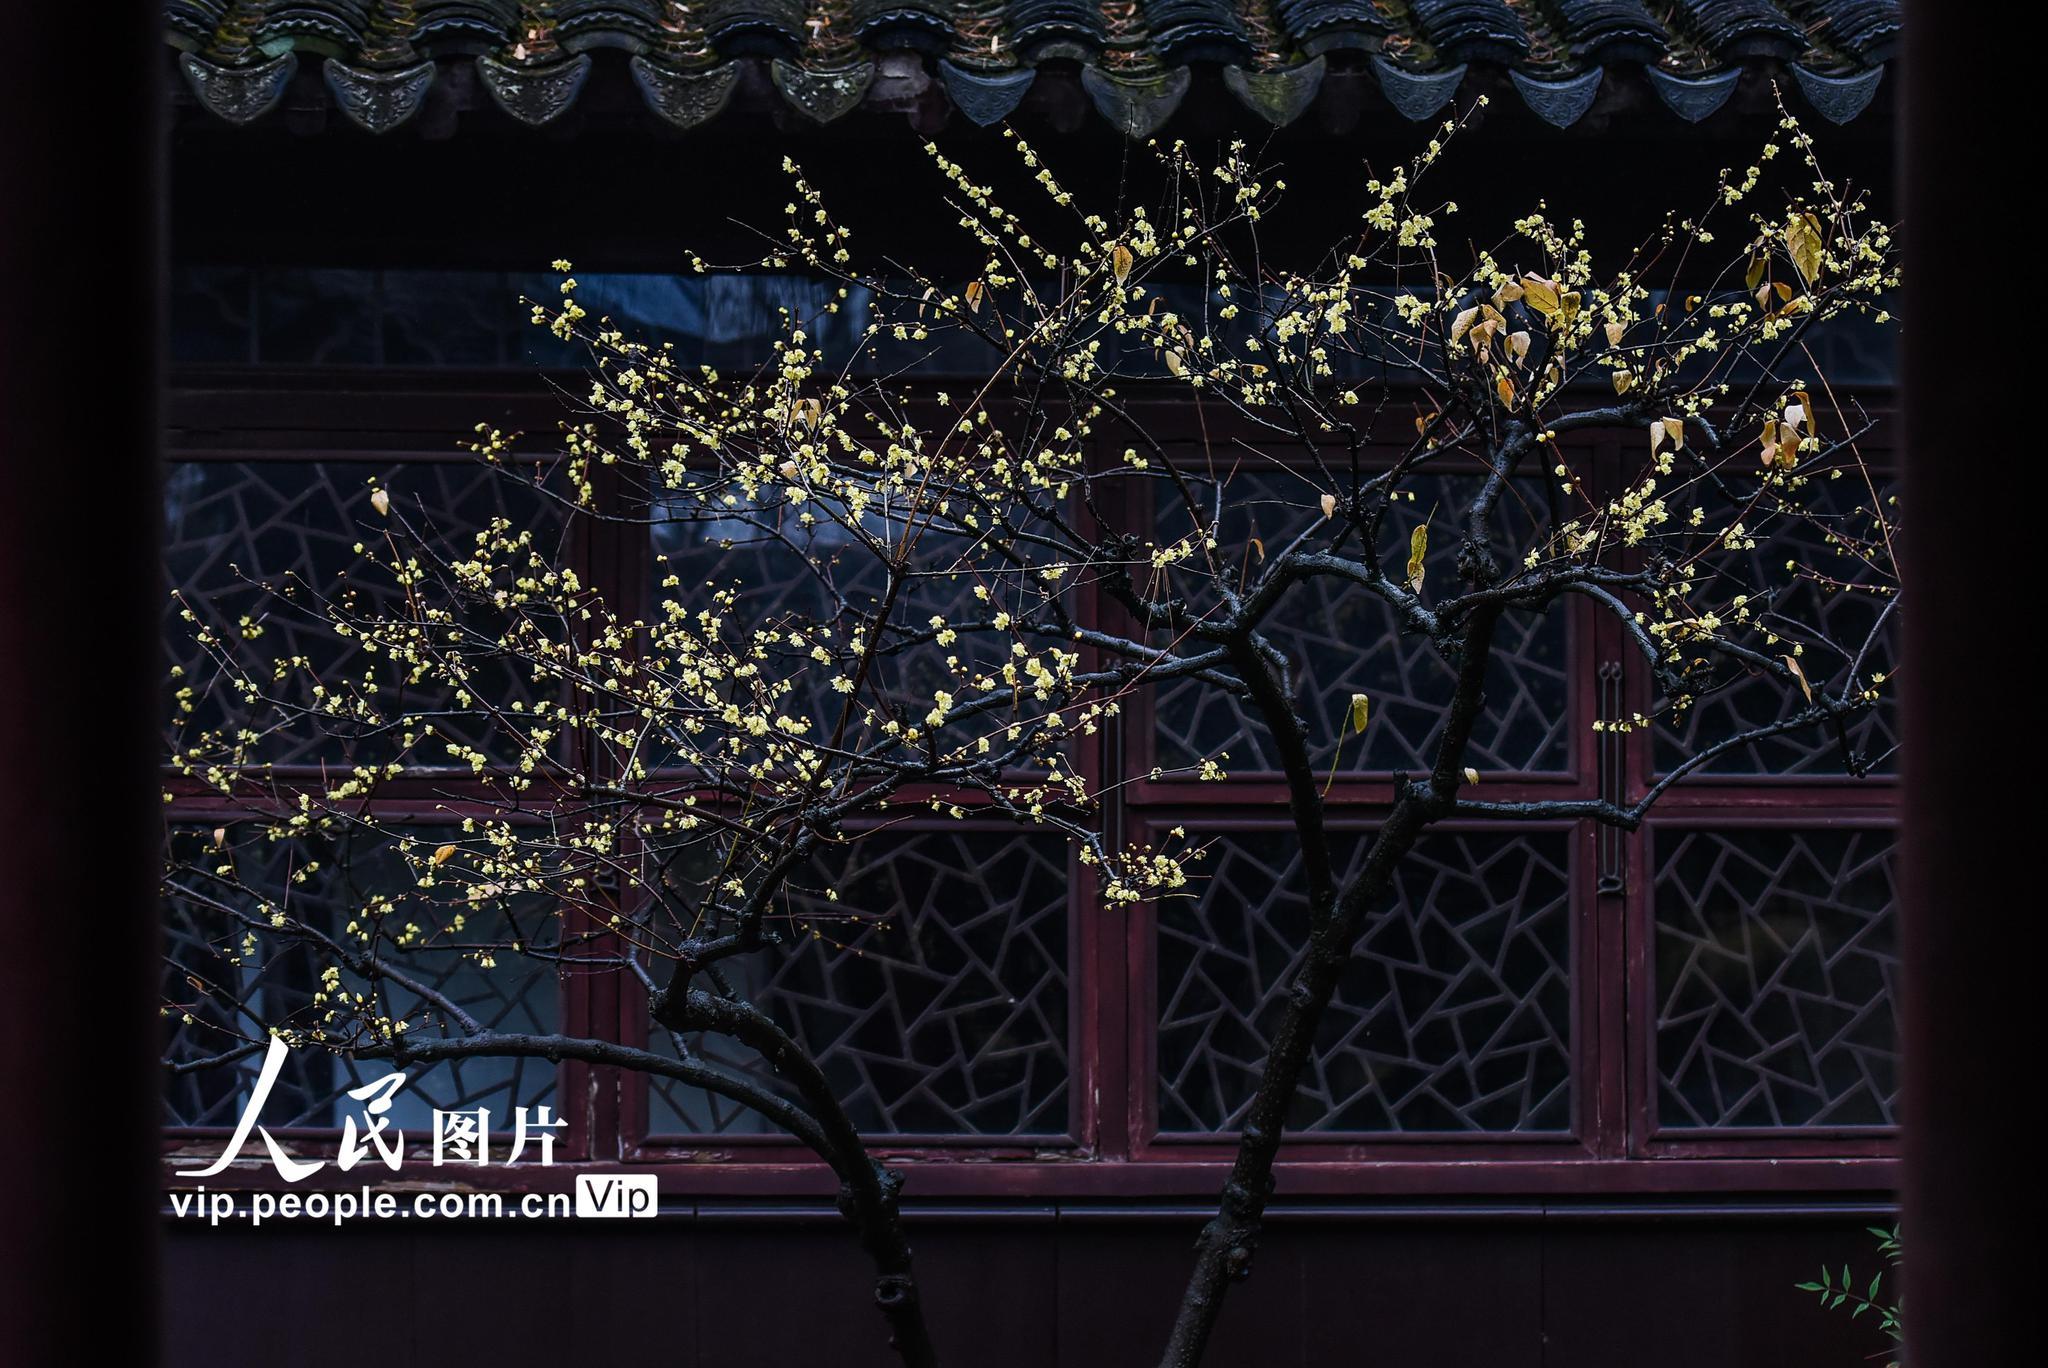 苏州:耦园蜡梅进入最佳观赏期